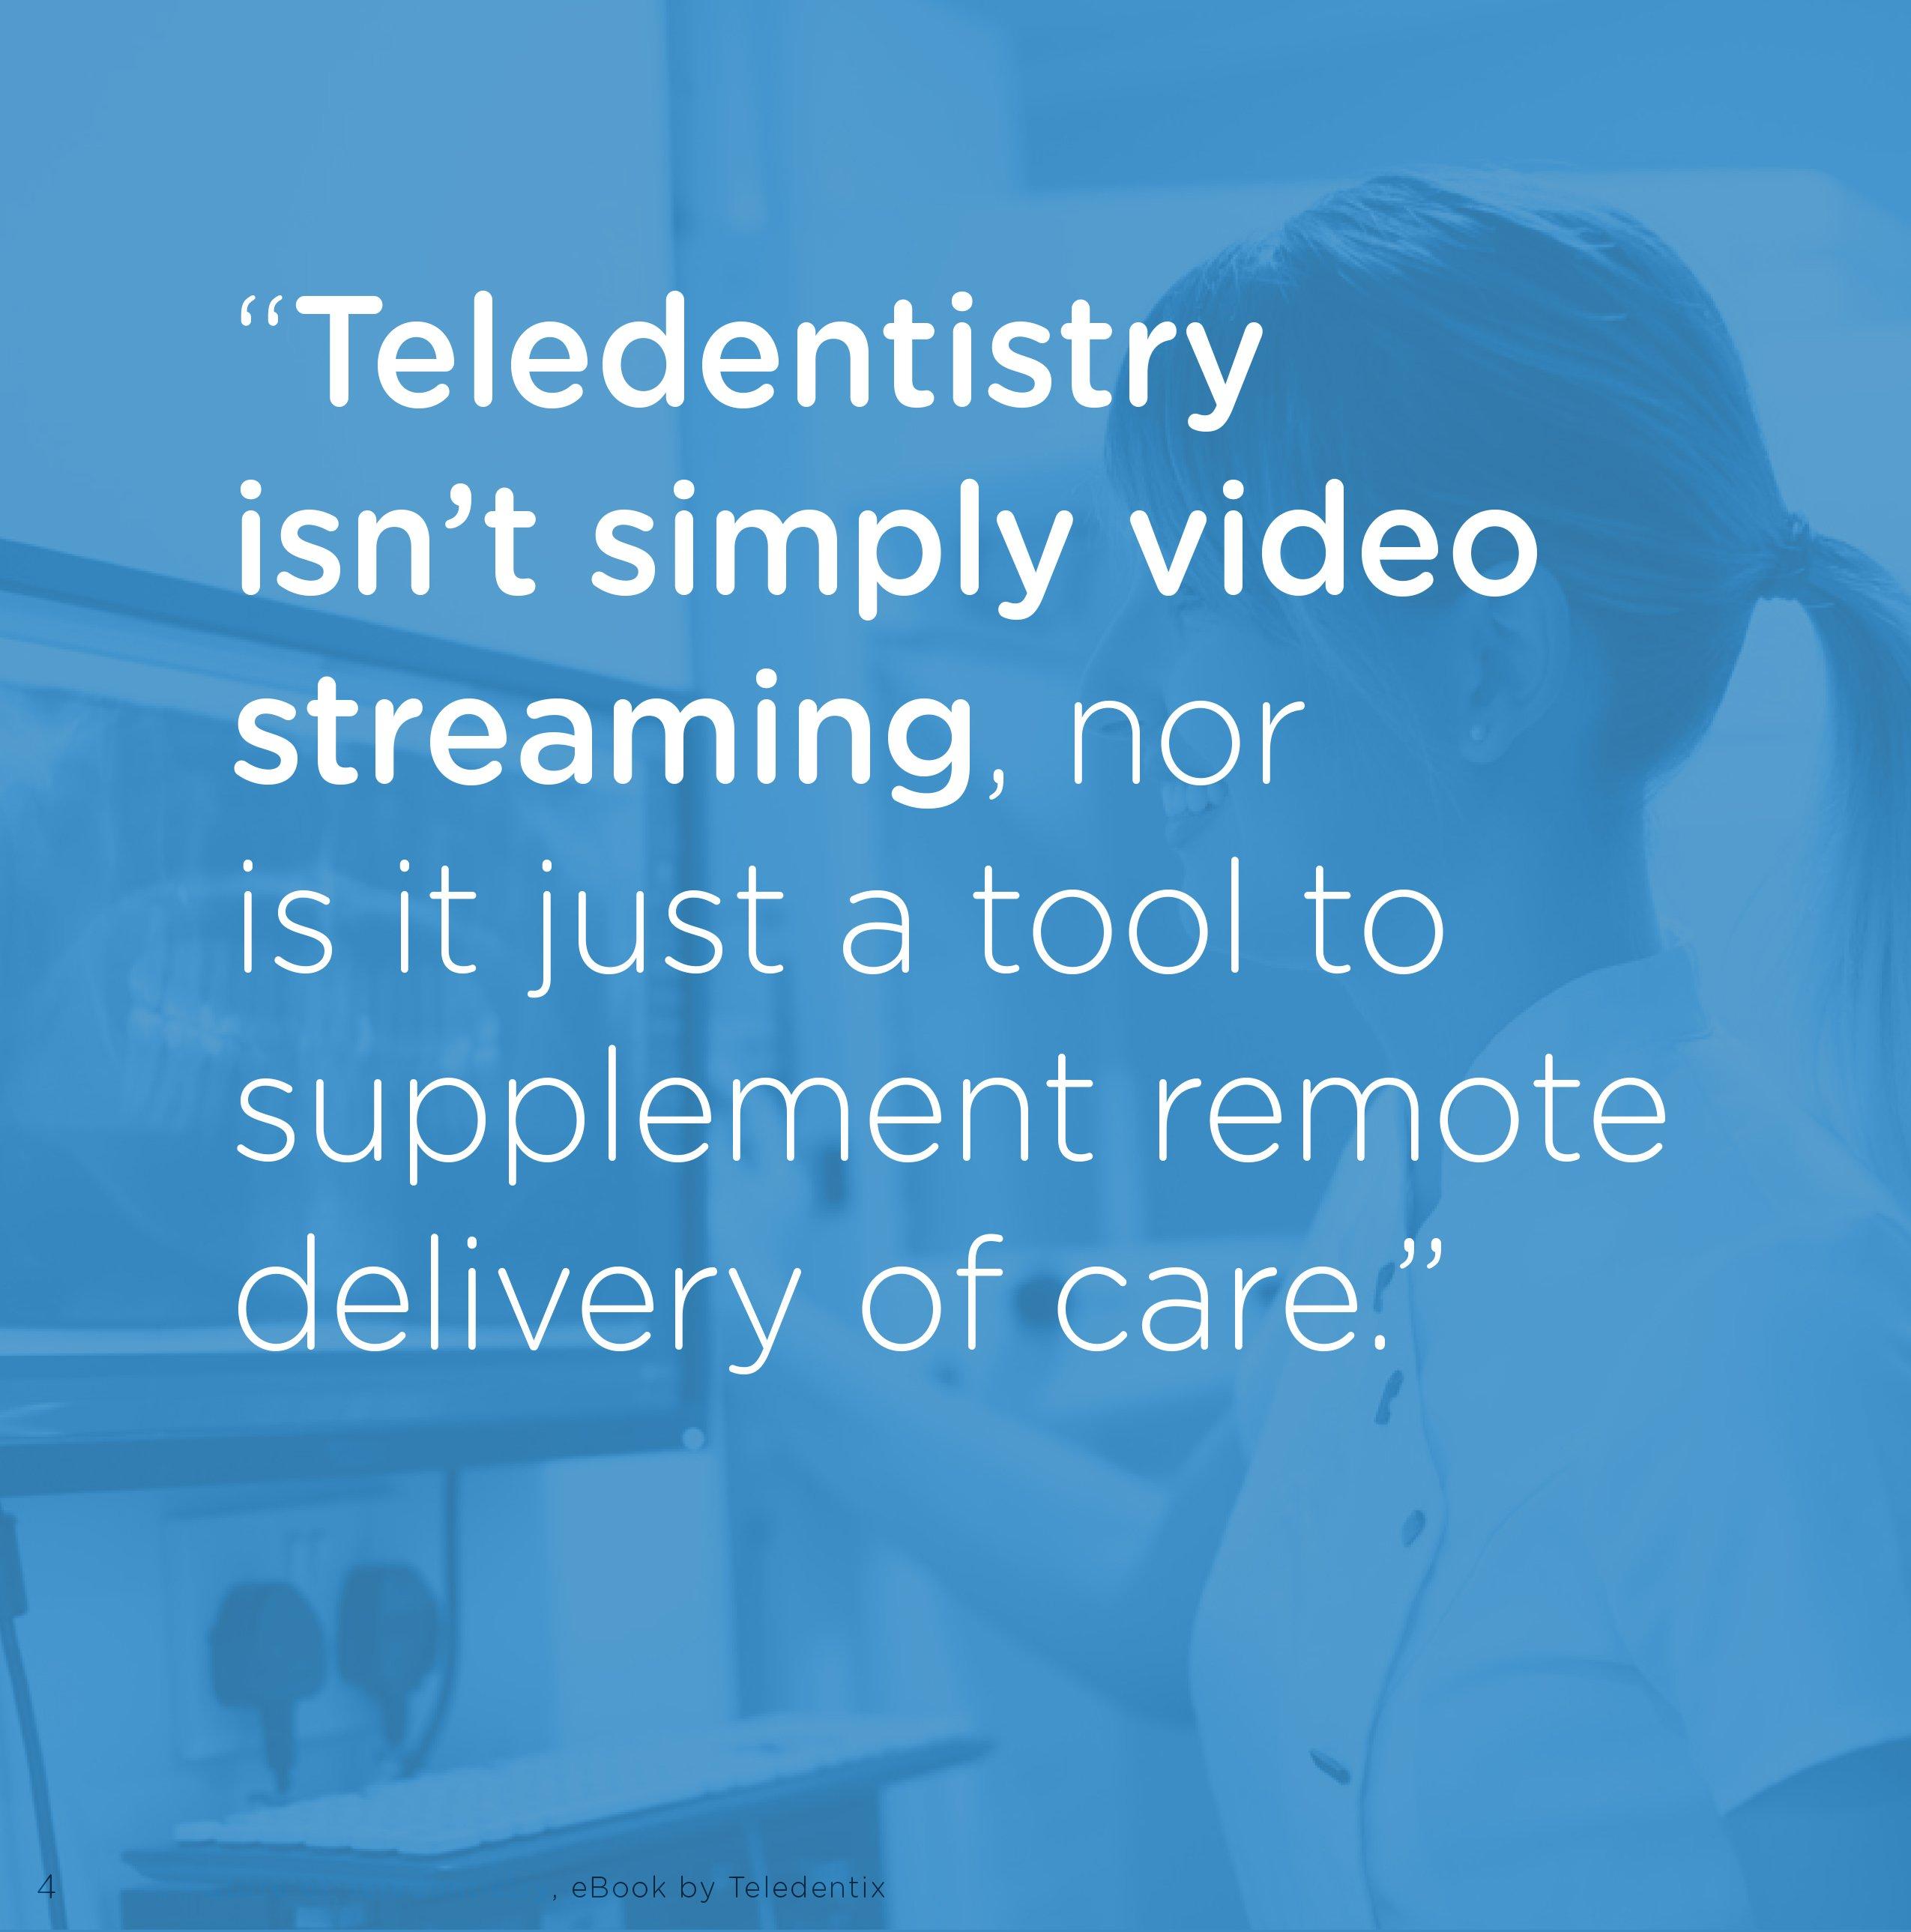 TeledentistryMoreThanVideo